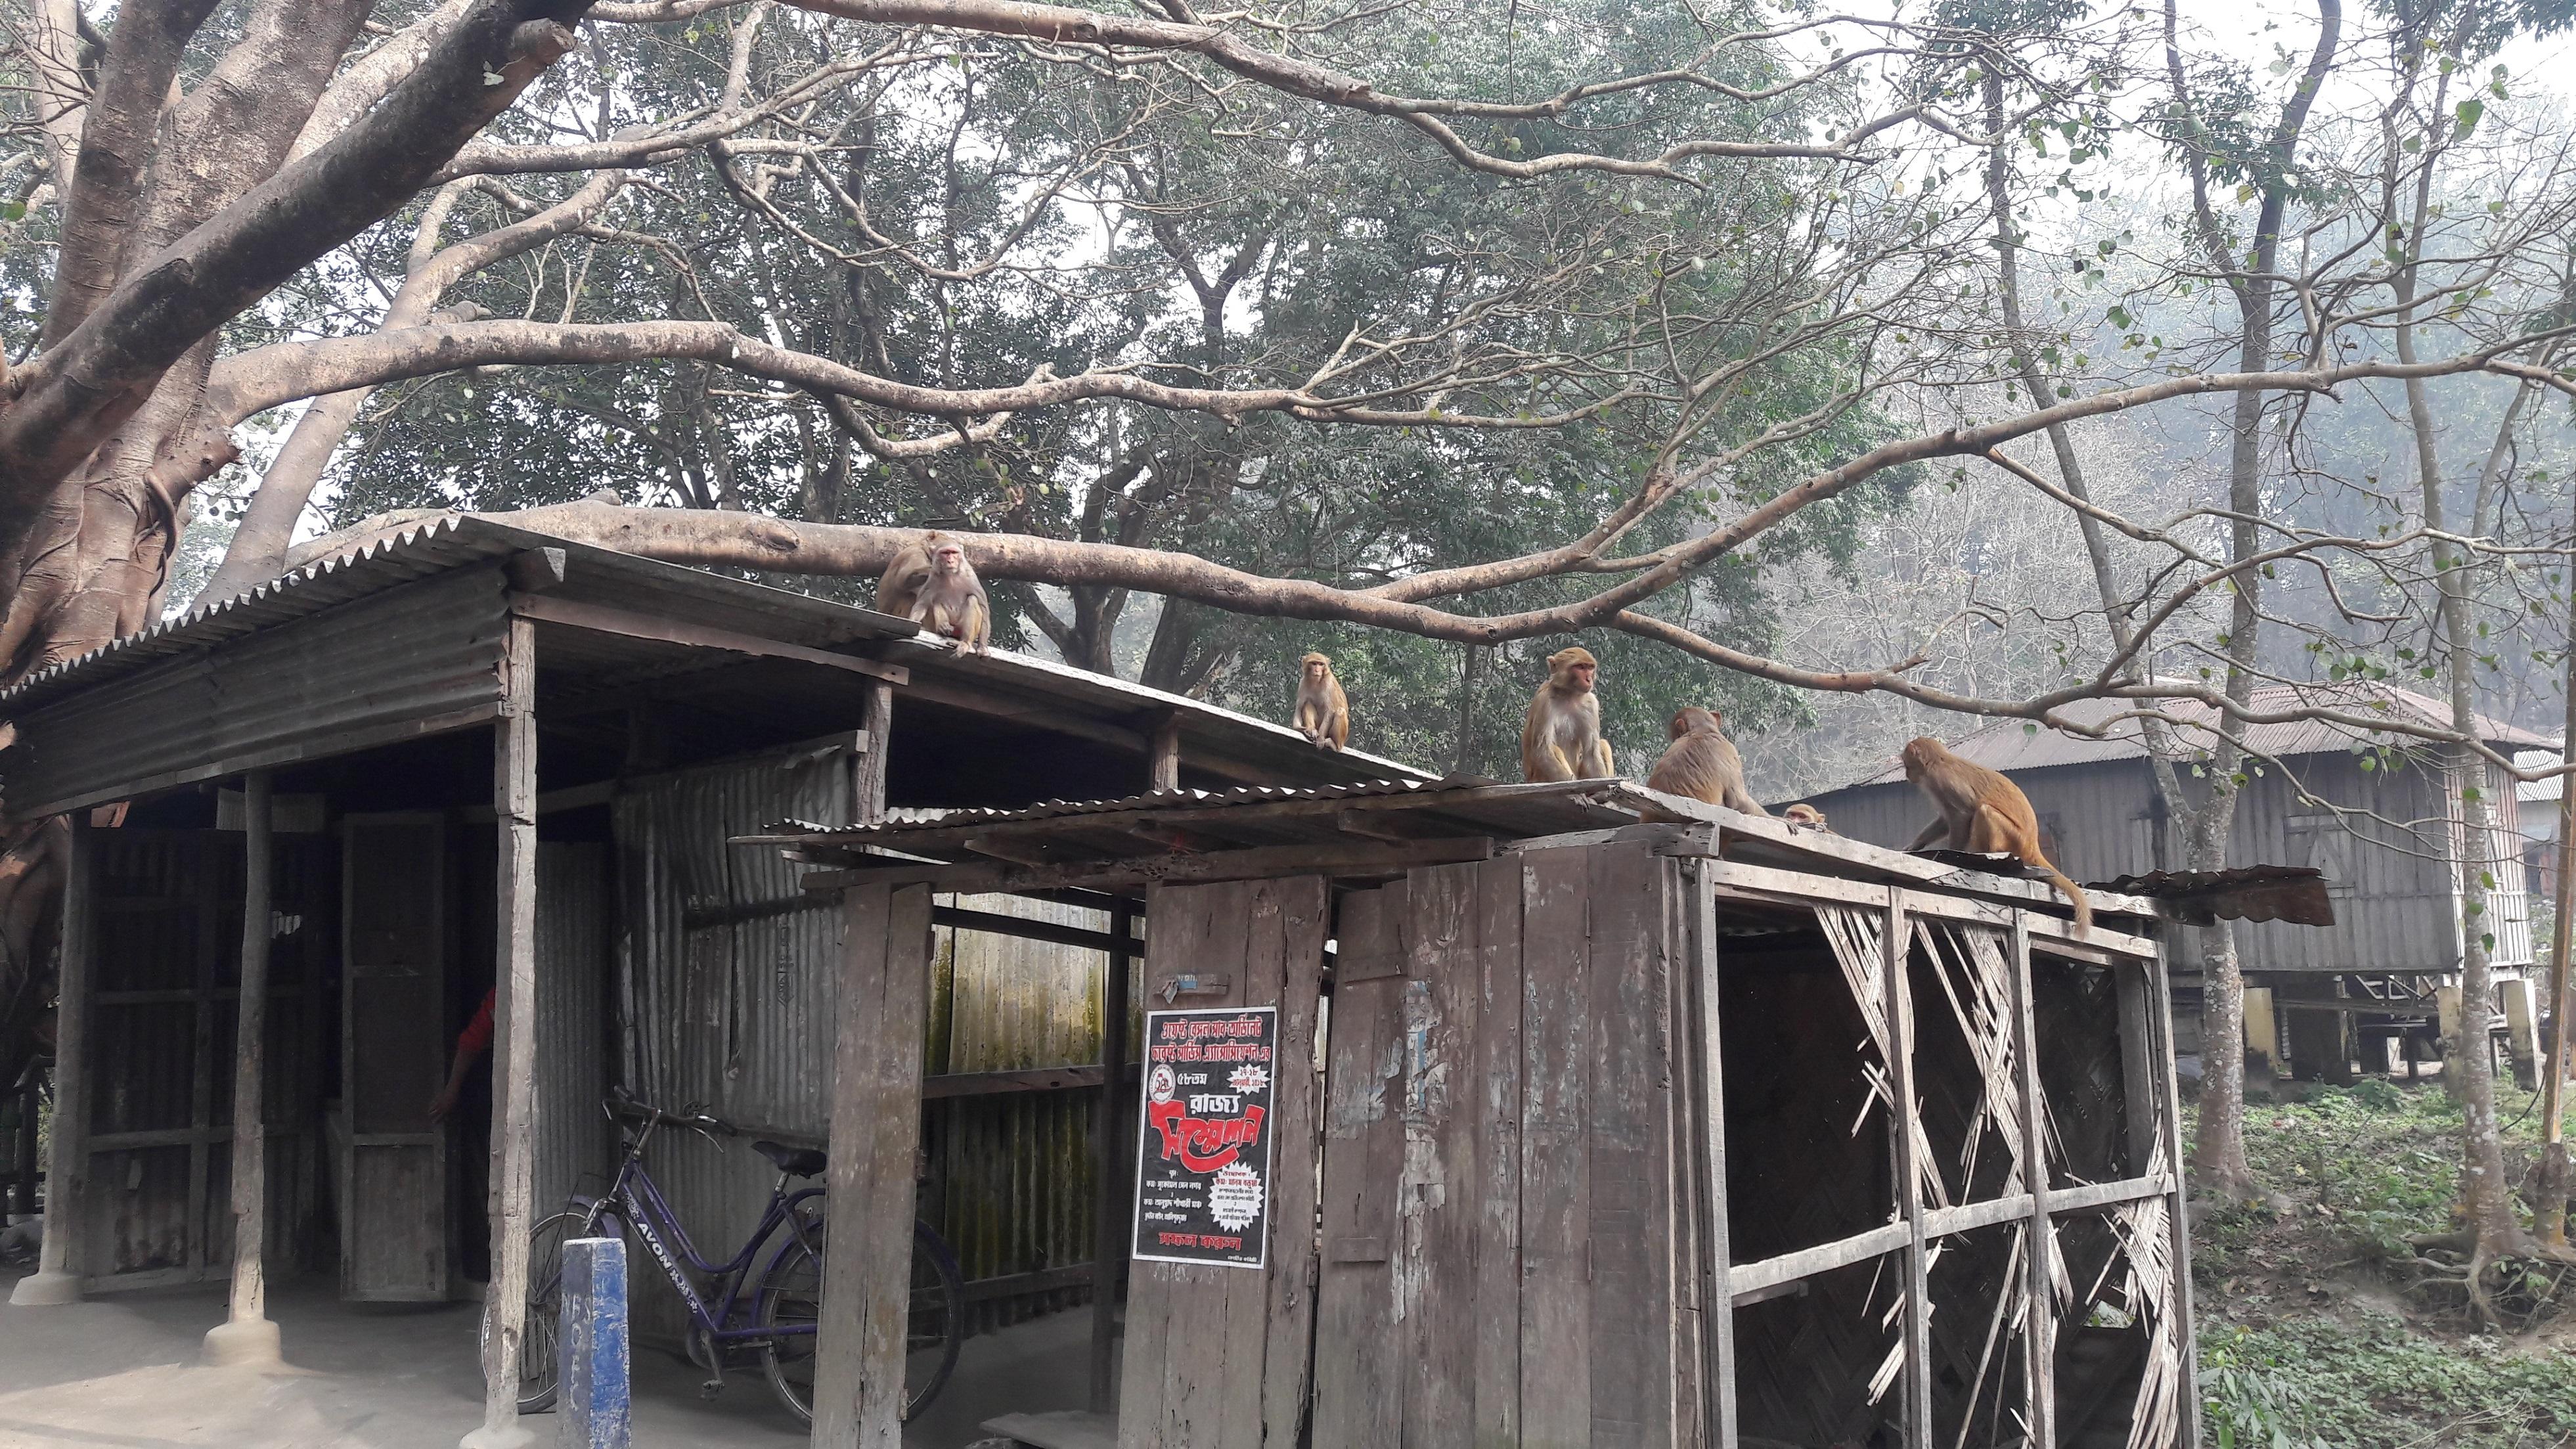 En la misma Reserva del Tigre Buxa, otra tropa de macacos Rhesus que están siendo alimentados por turistas, se aventuran menos en el bosque, comen menos frutas y dispersan menos semillas. Imagen de Asmita Sengupta